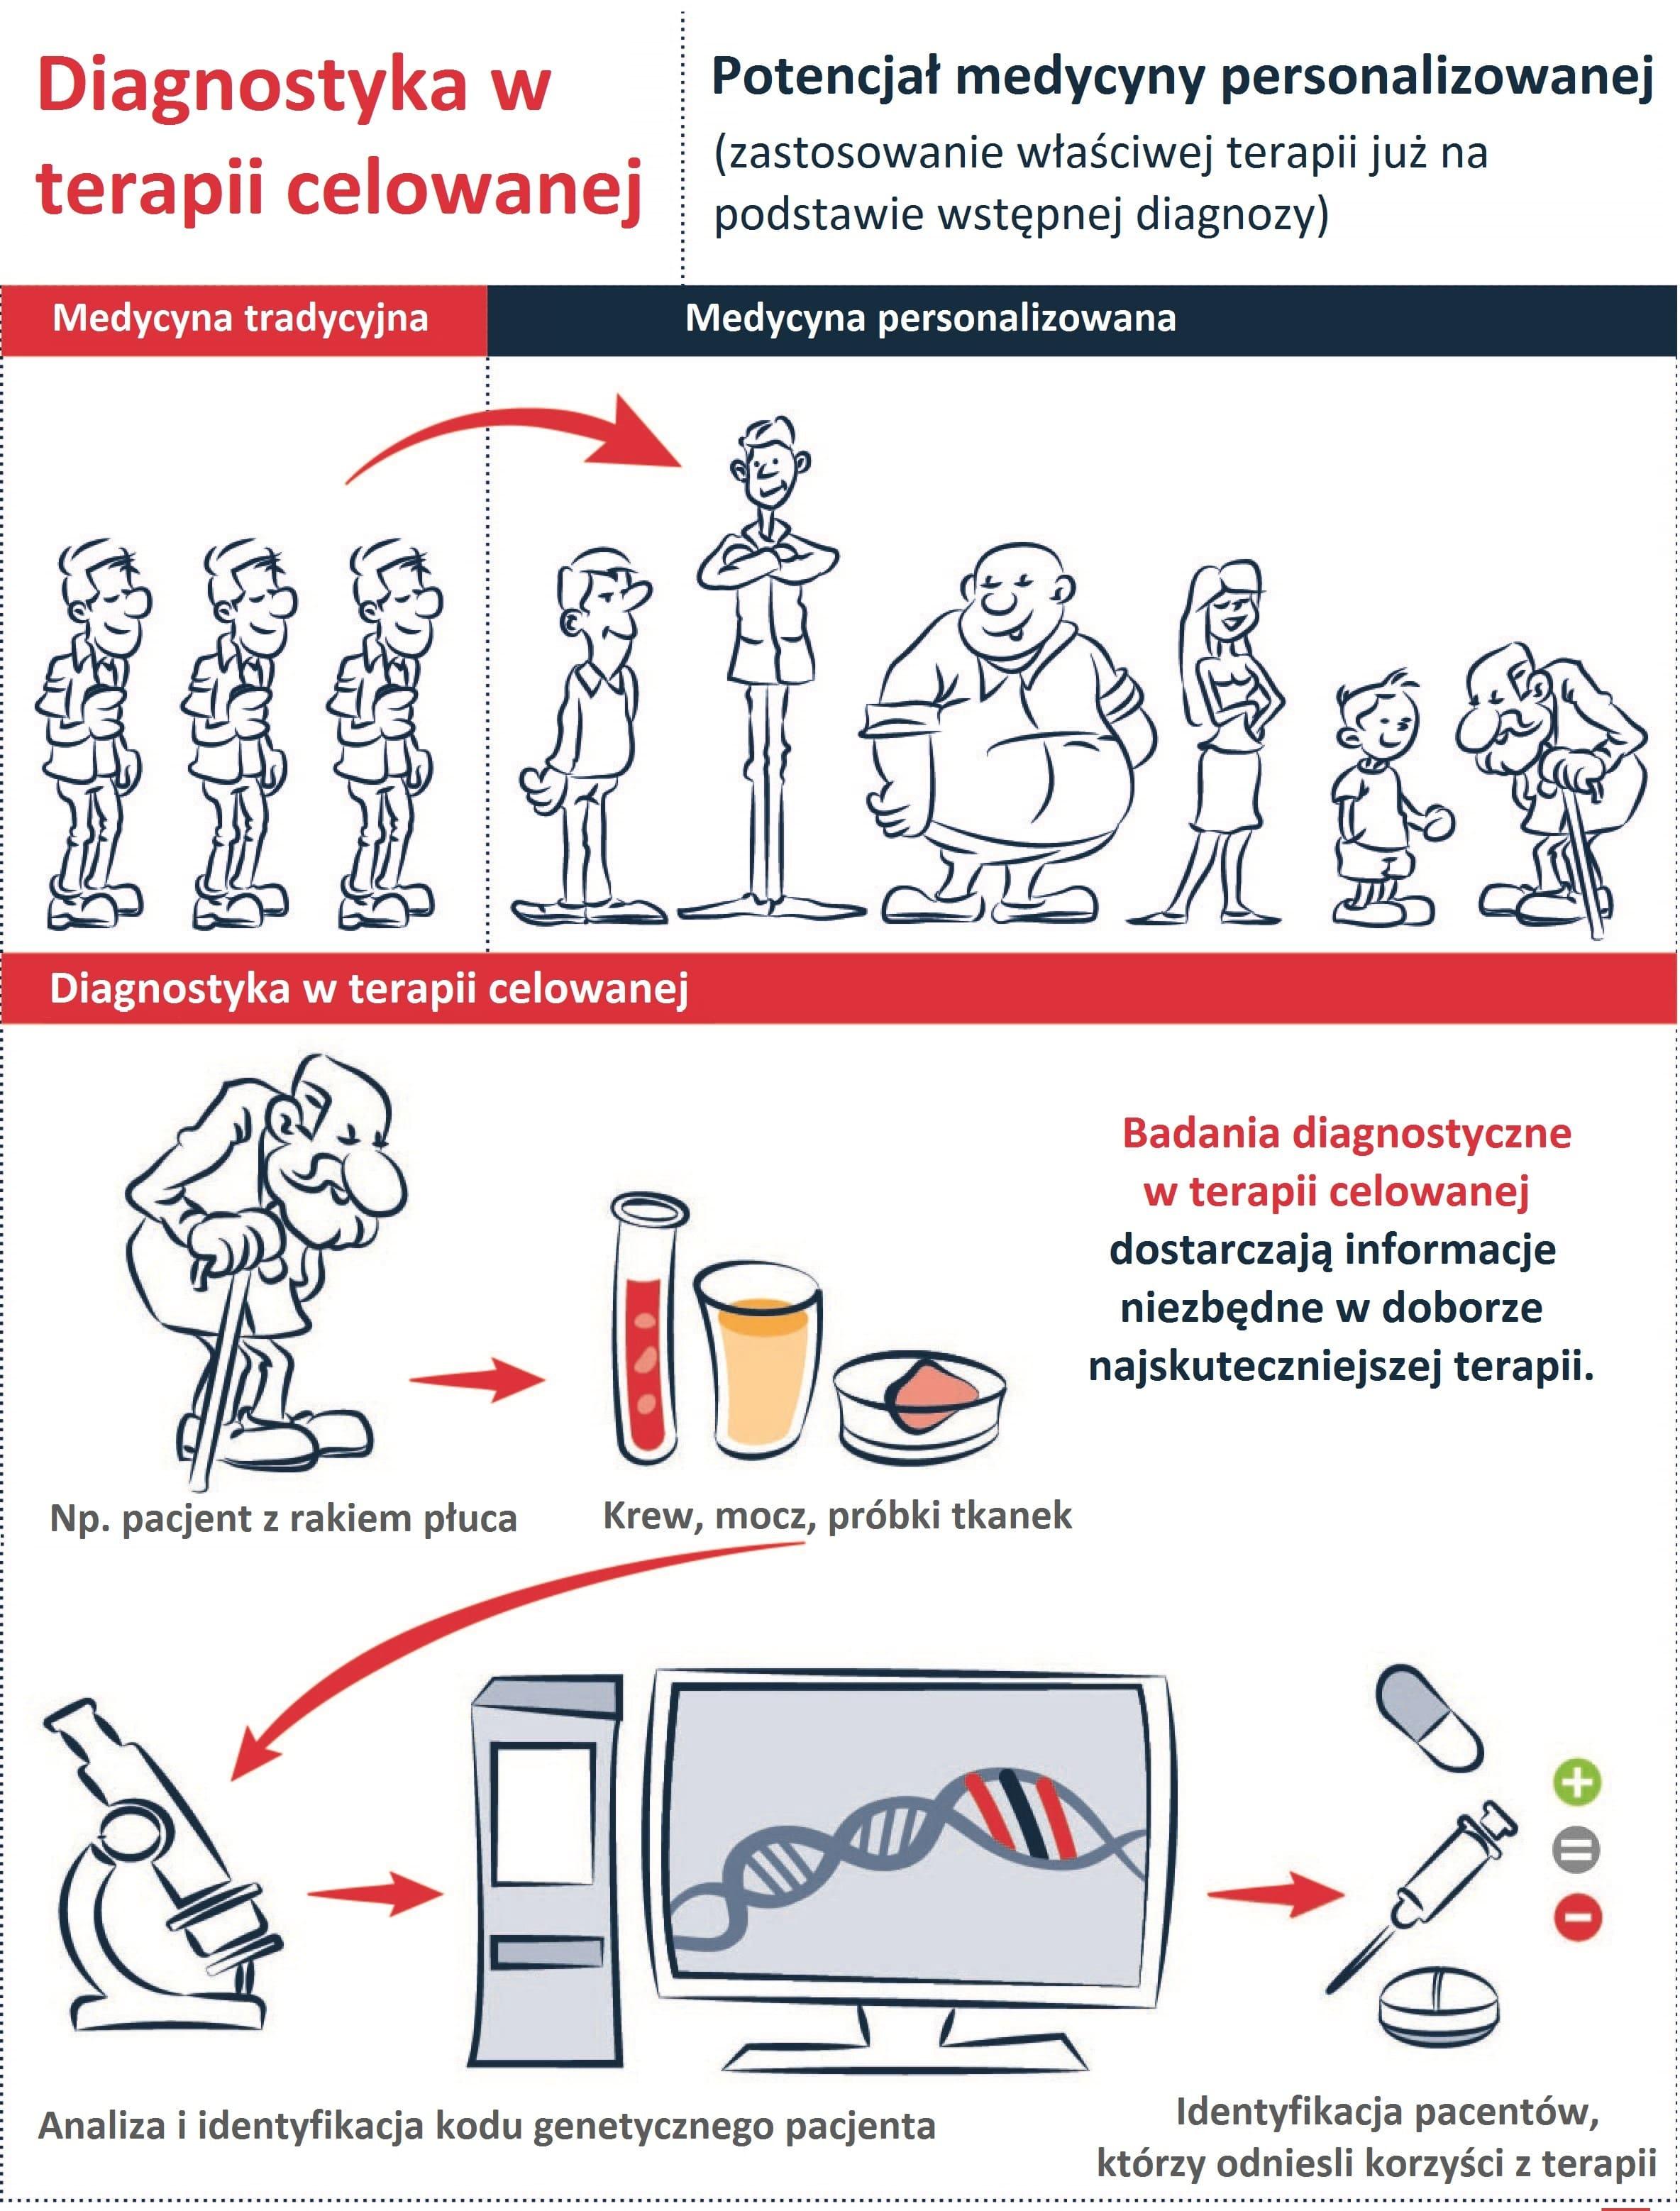 Diagnostyka w terapii celowanej_Potencjał medycyny personalizowanej